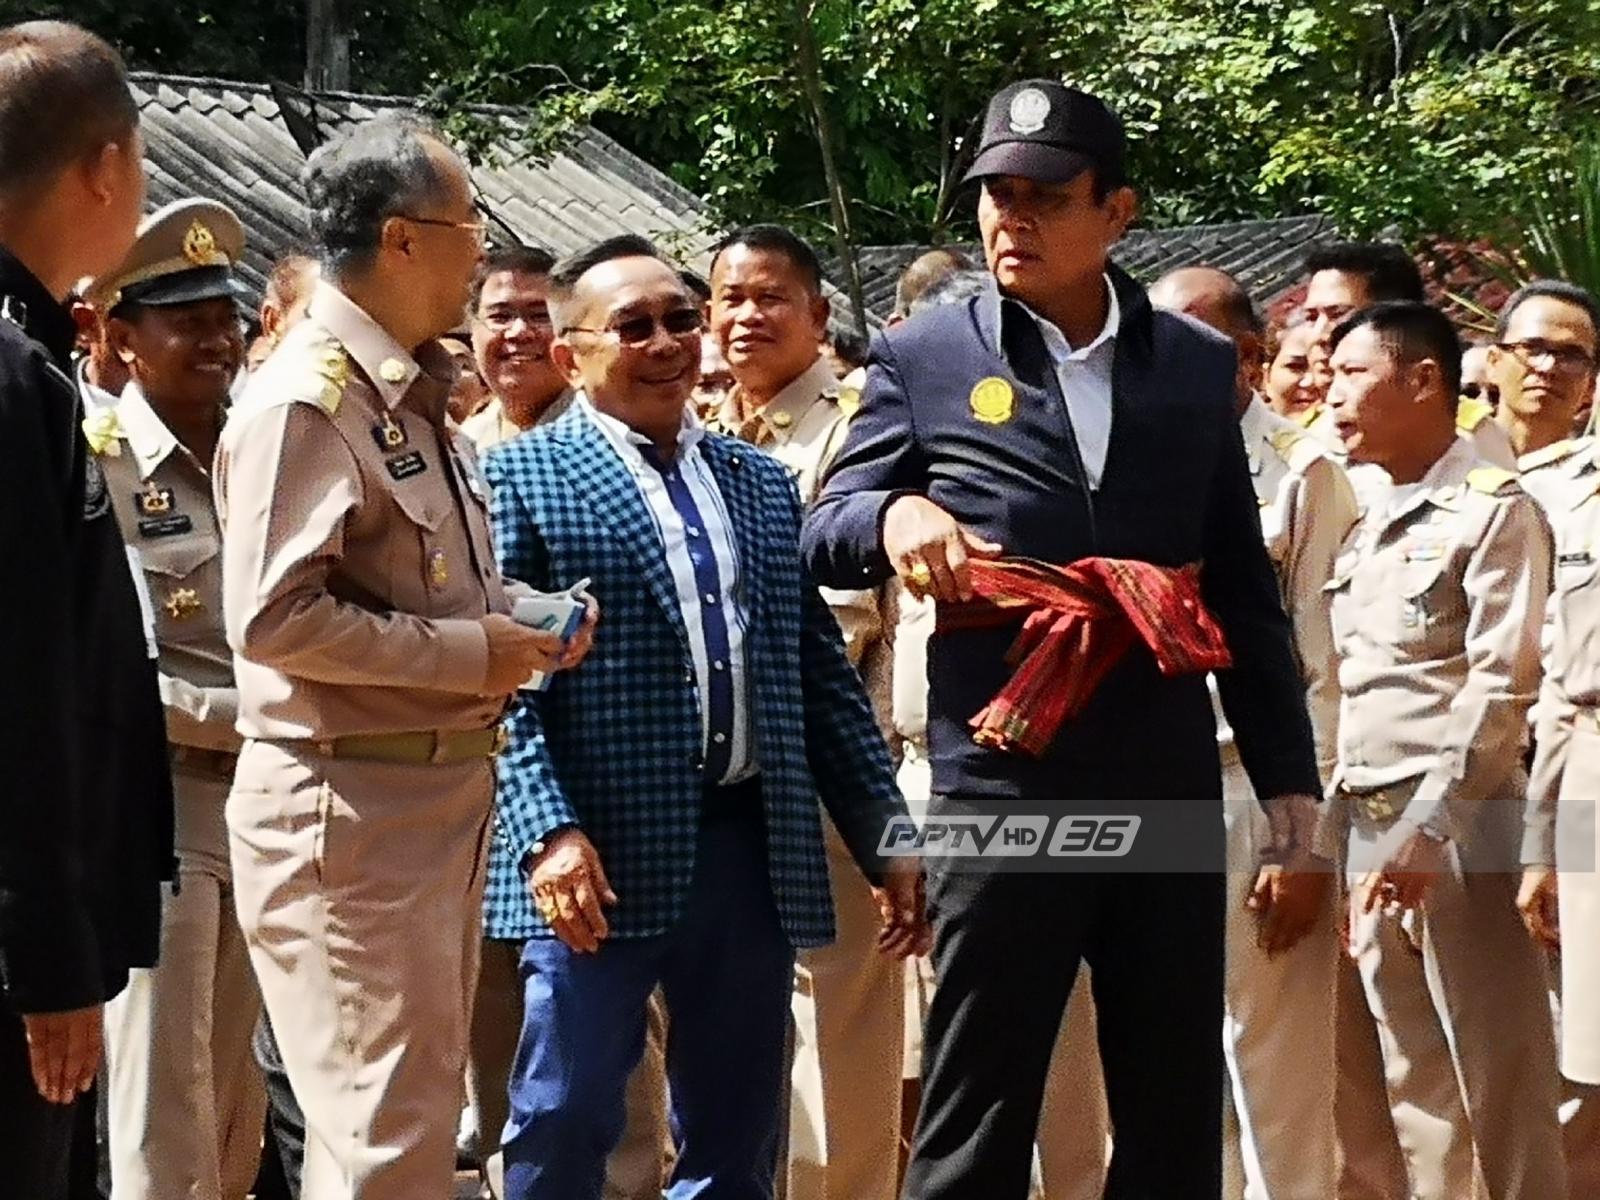 นายกฯ เตรียมพบชาวบุรีรัมย์ 3 หมื่นคน ยันไม่มีการเมือง